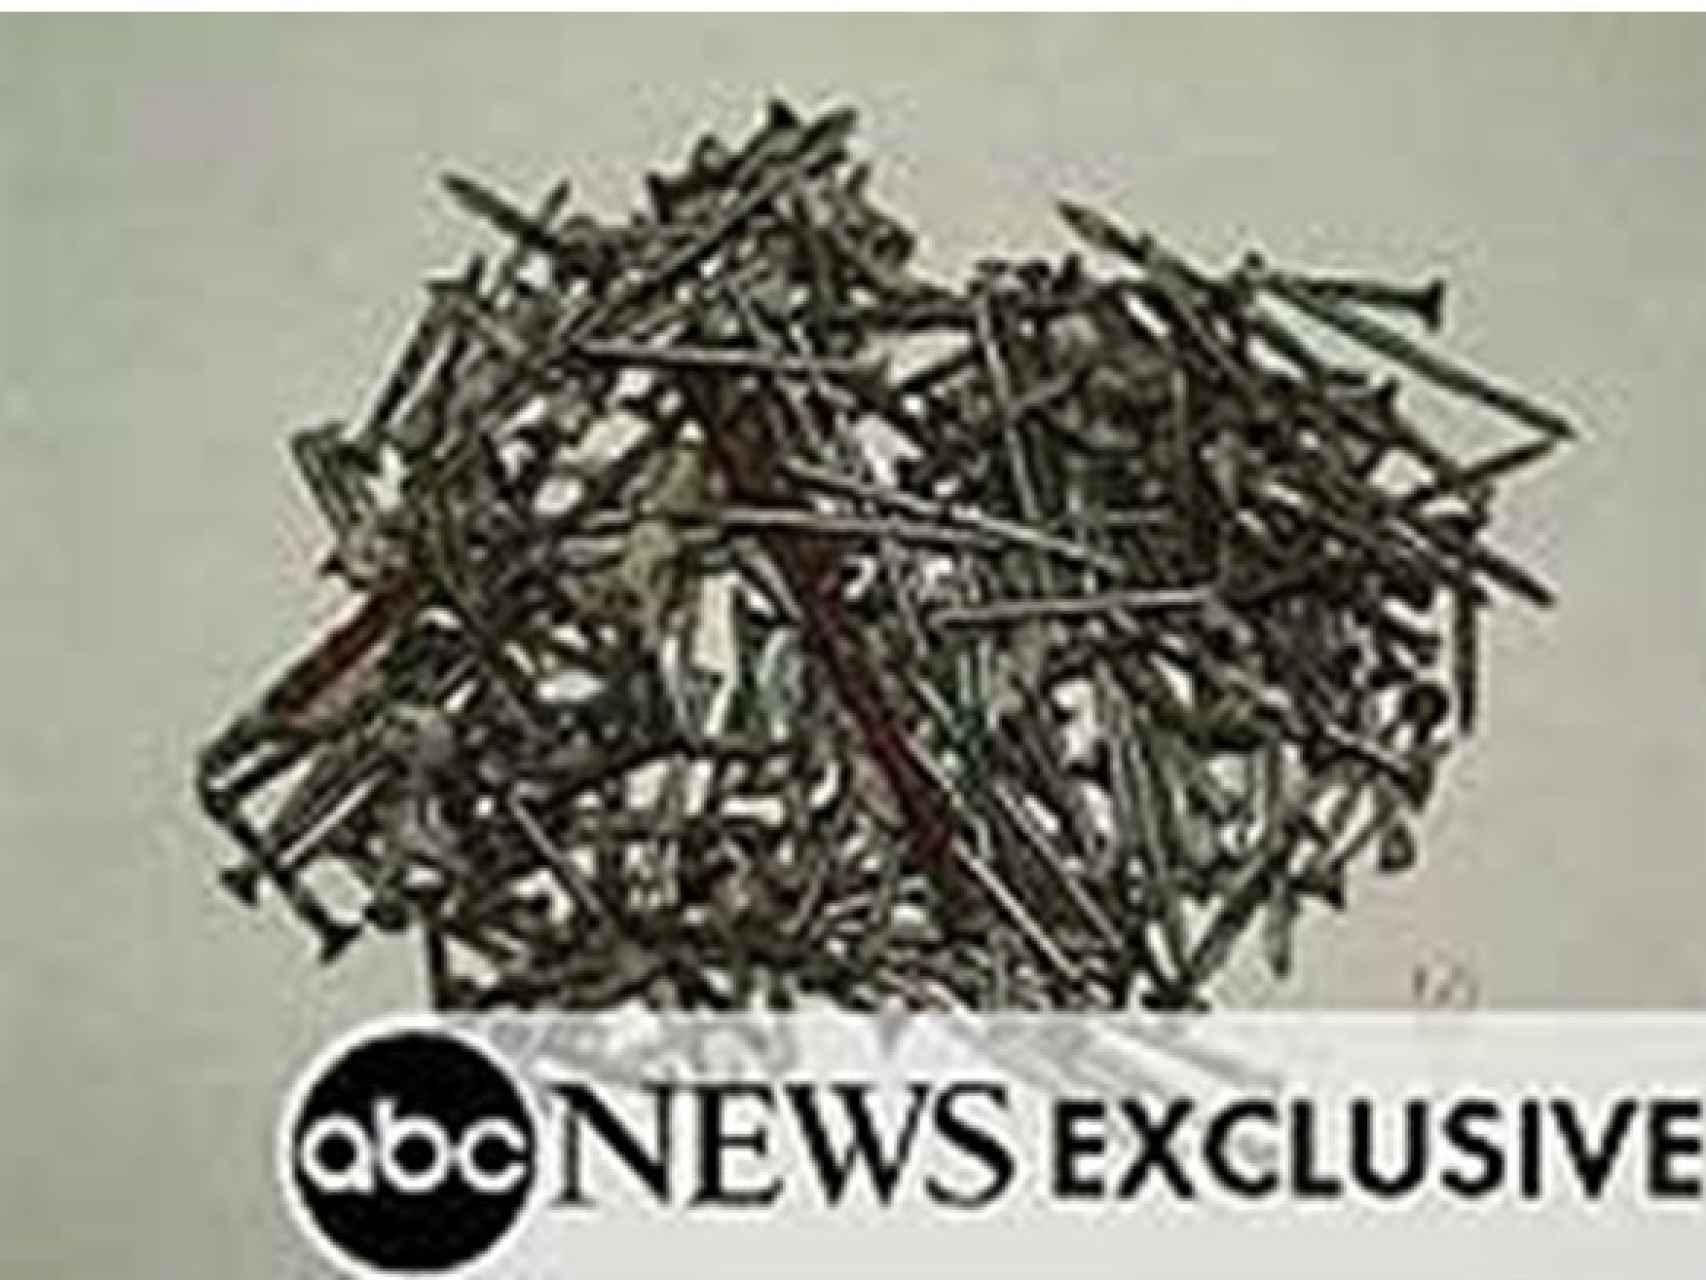 Foto publicada por la cadena de televisión abc news el 30 de marzo de 2004, que es la misma que utilizaron los Tedax en su informe de 11 de junio.